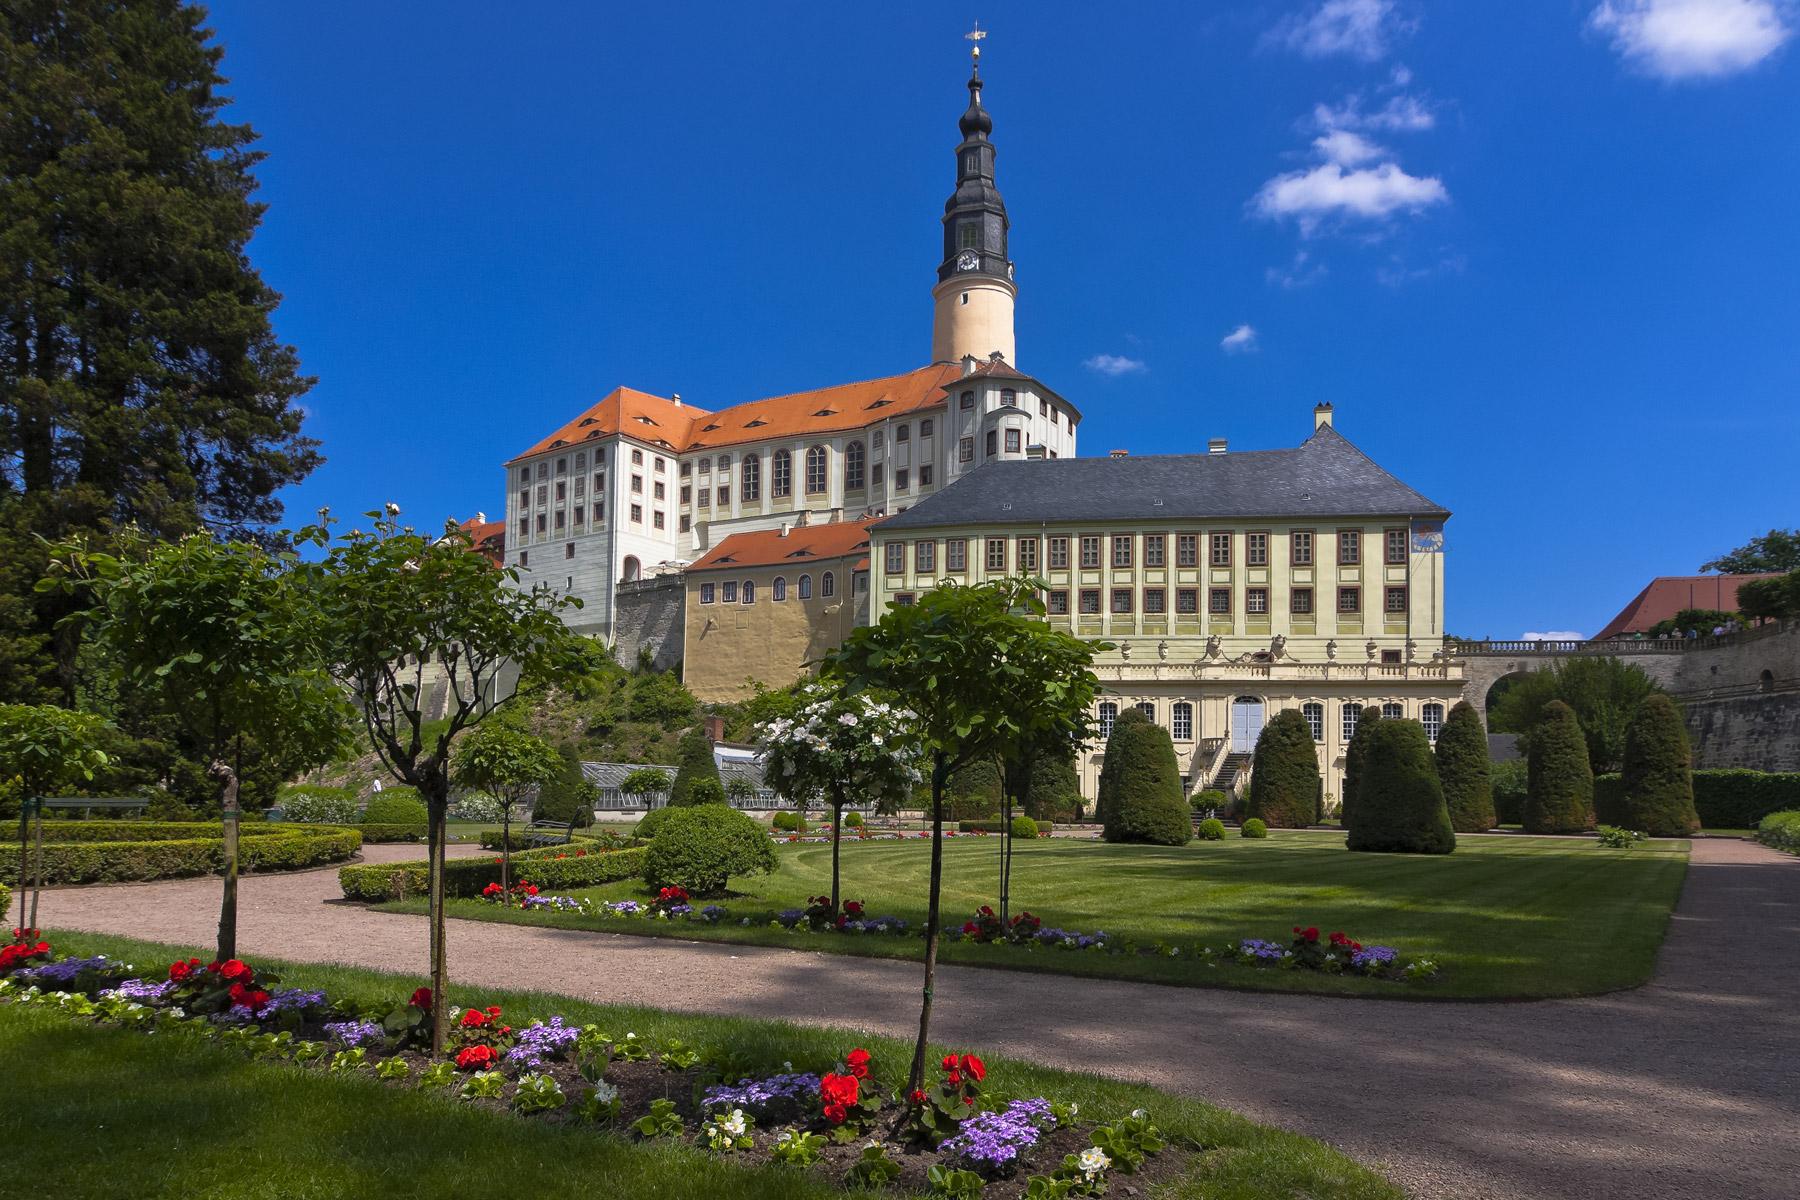 (c) Schloss Weesenstein